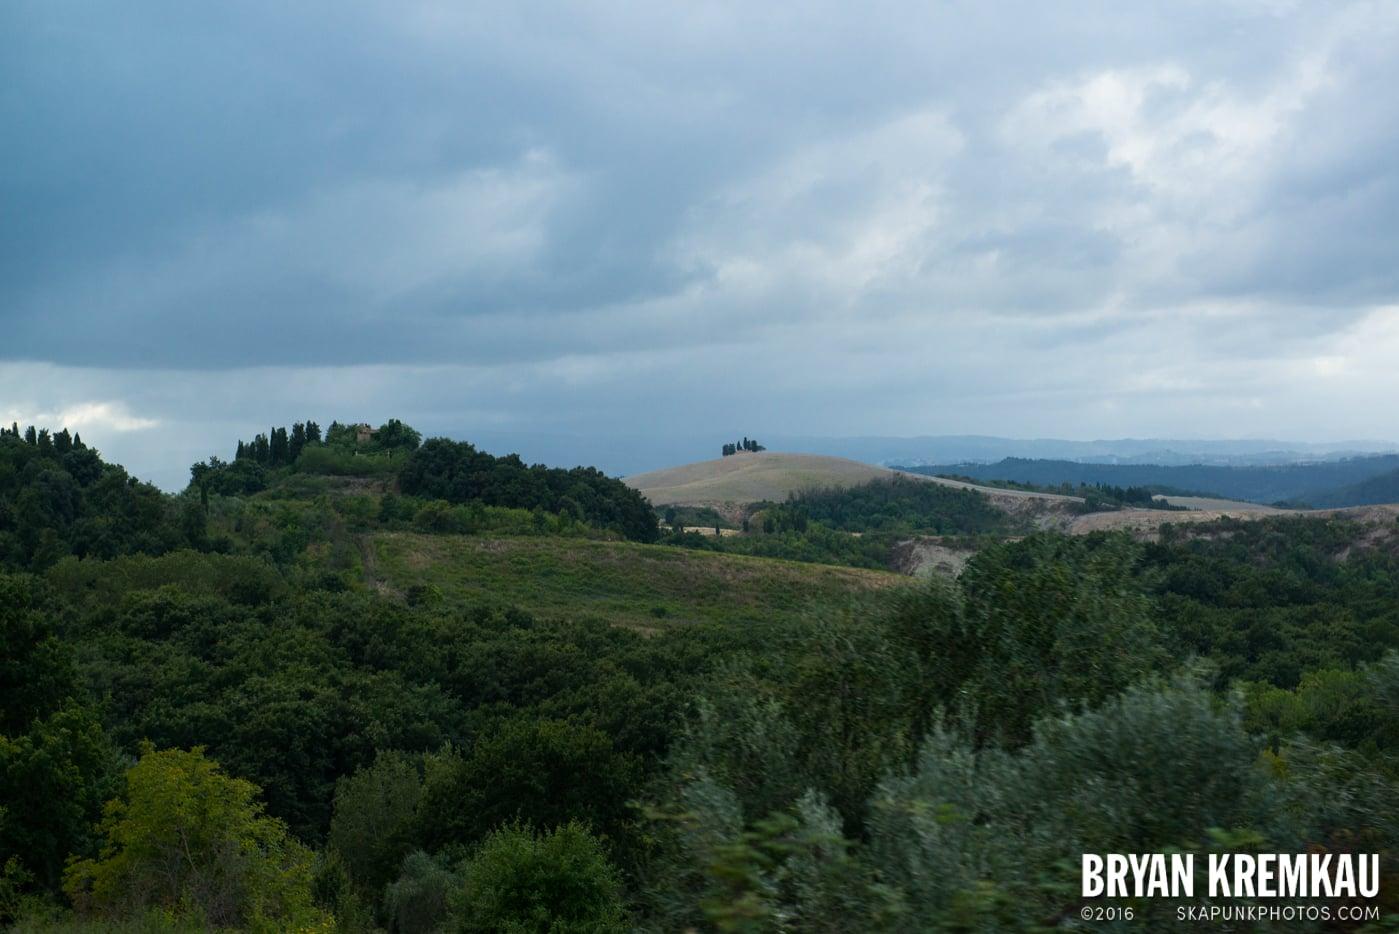 Italy Vacation - Day 8: Siena, San Gimignano, Chianti, Pisa - 9.16.13 (41)